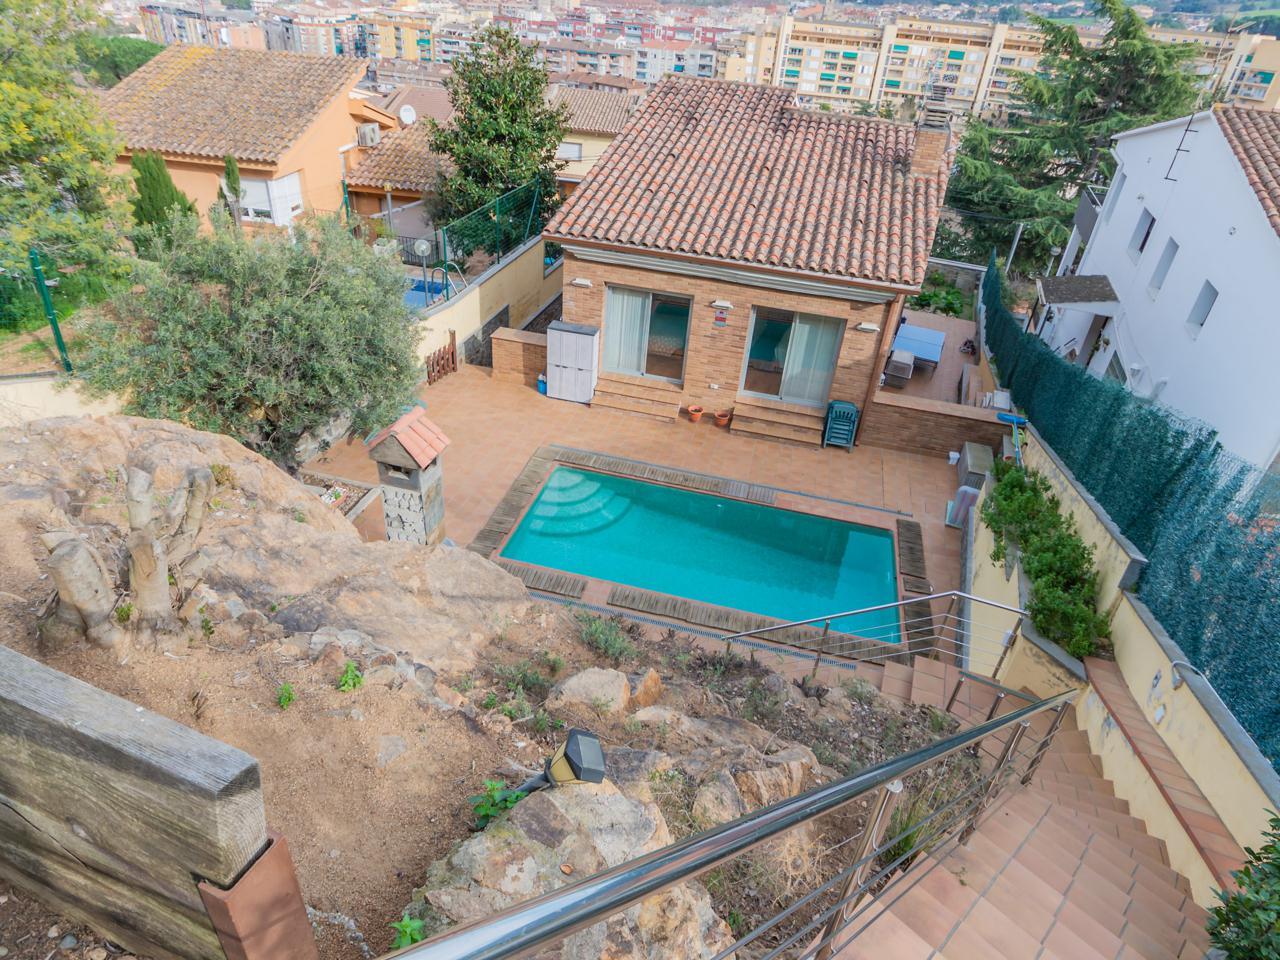 villa en montornes-del-valles · carrer-de-princesa-sofia-08170 580000€